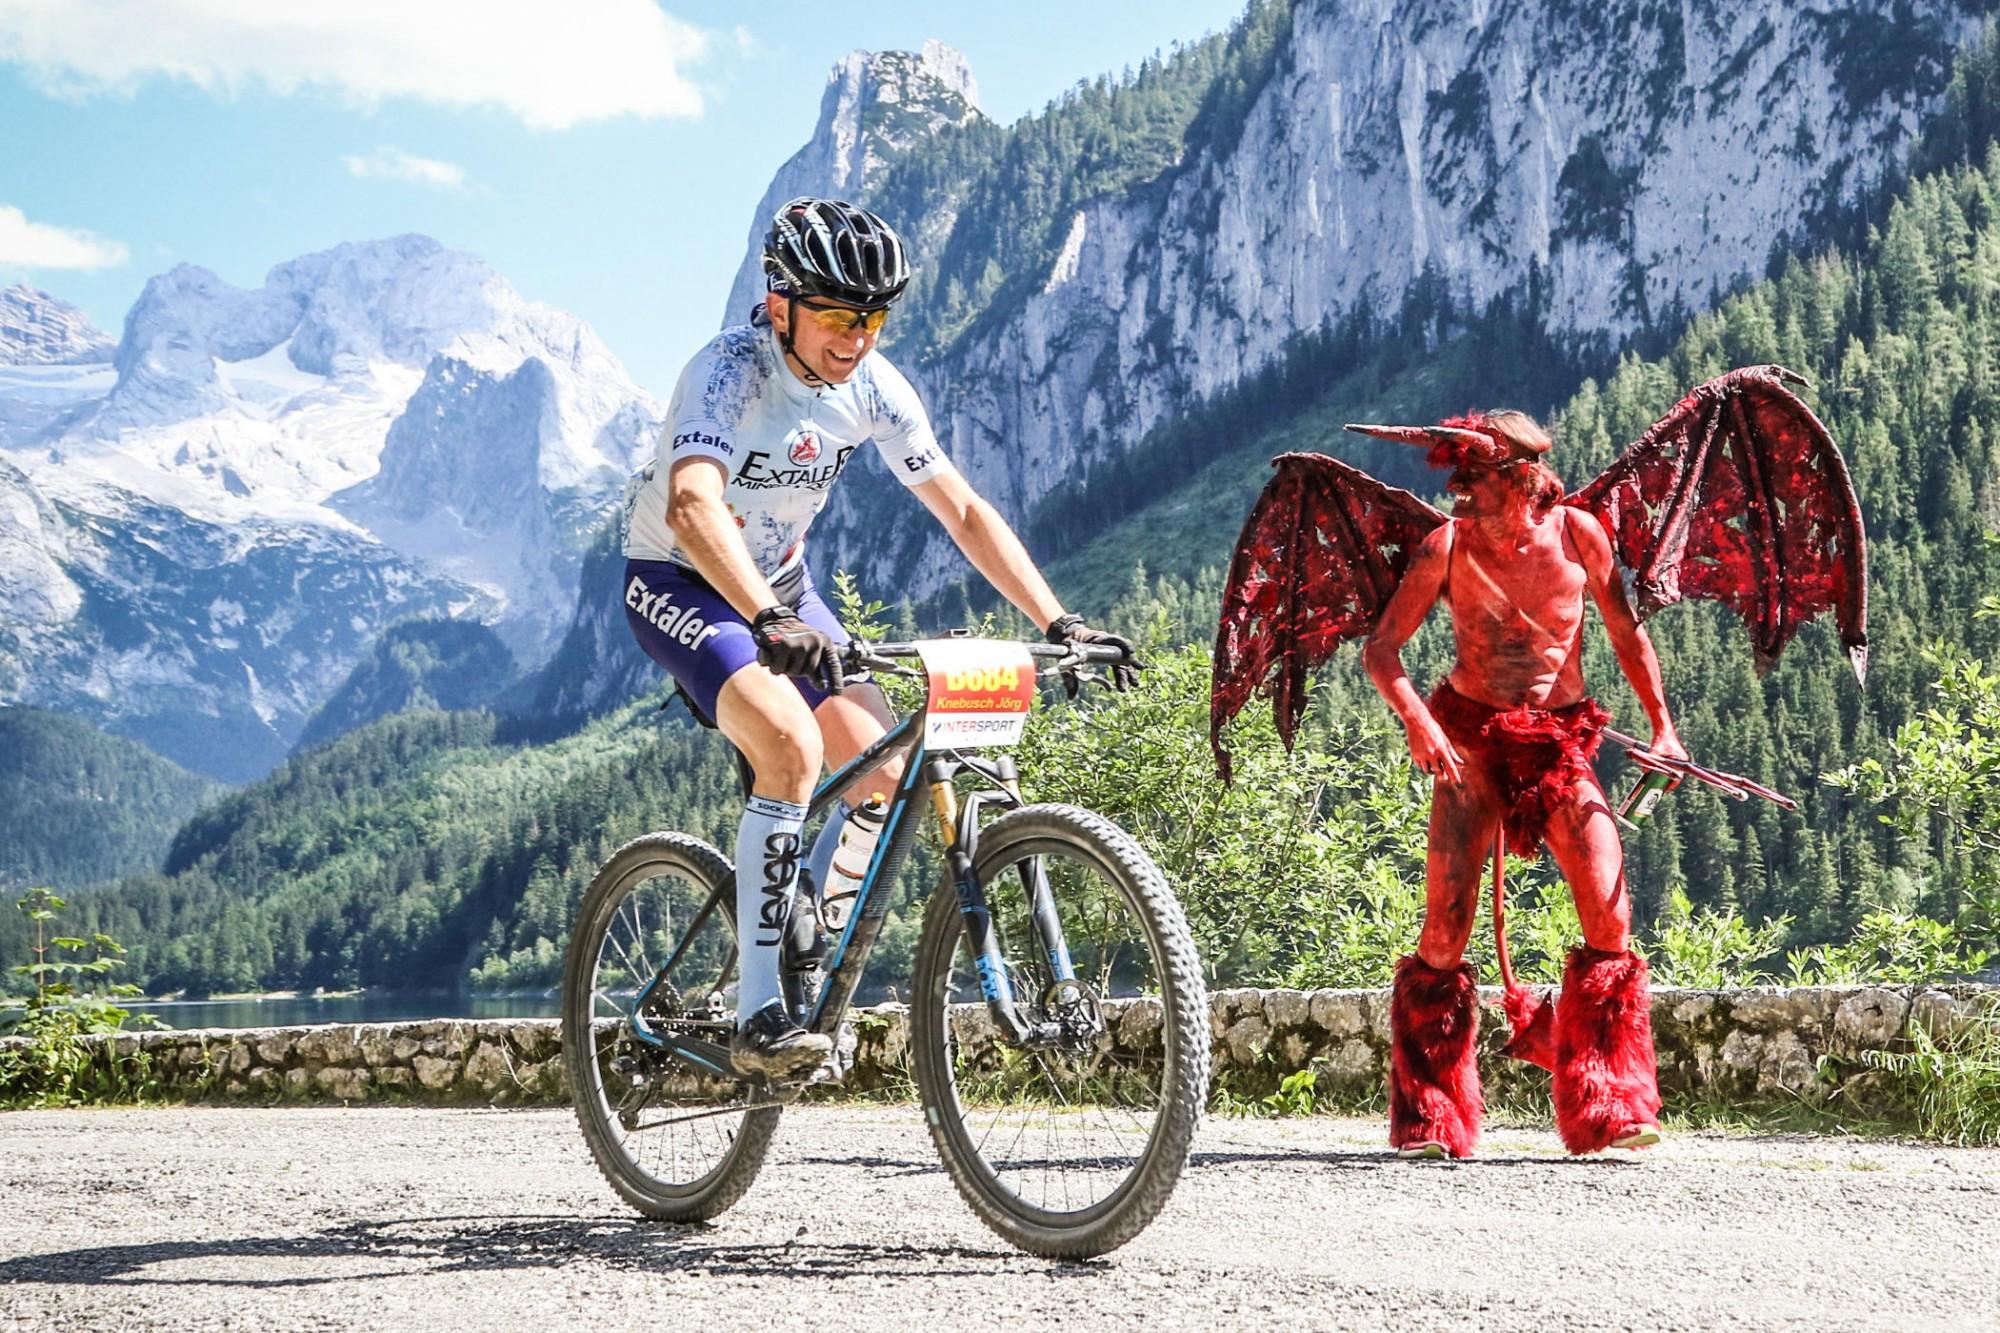 Salzkammergut Mountainbike Trophy 2017 - Startnummernausgabe Extremstrecke - Eingang zur Hölle (Foto: Martin Bihounek)